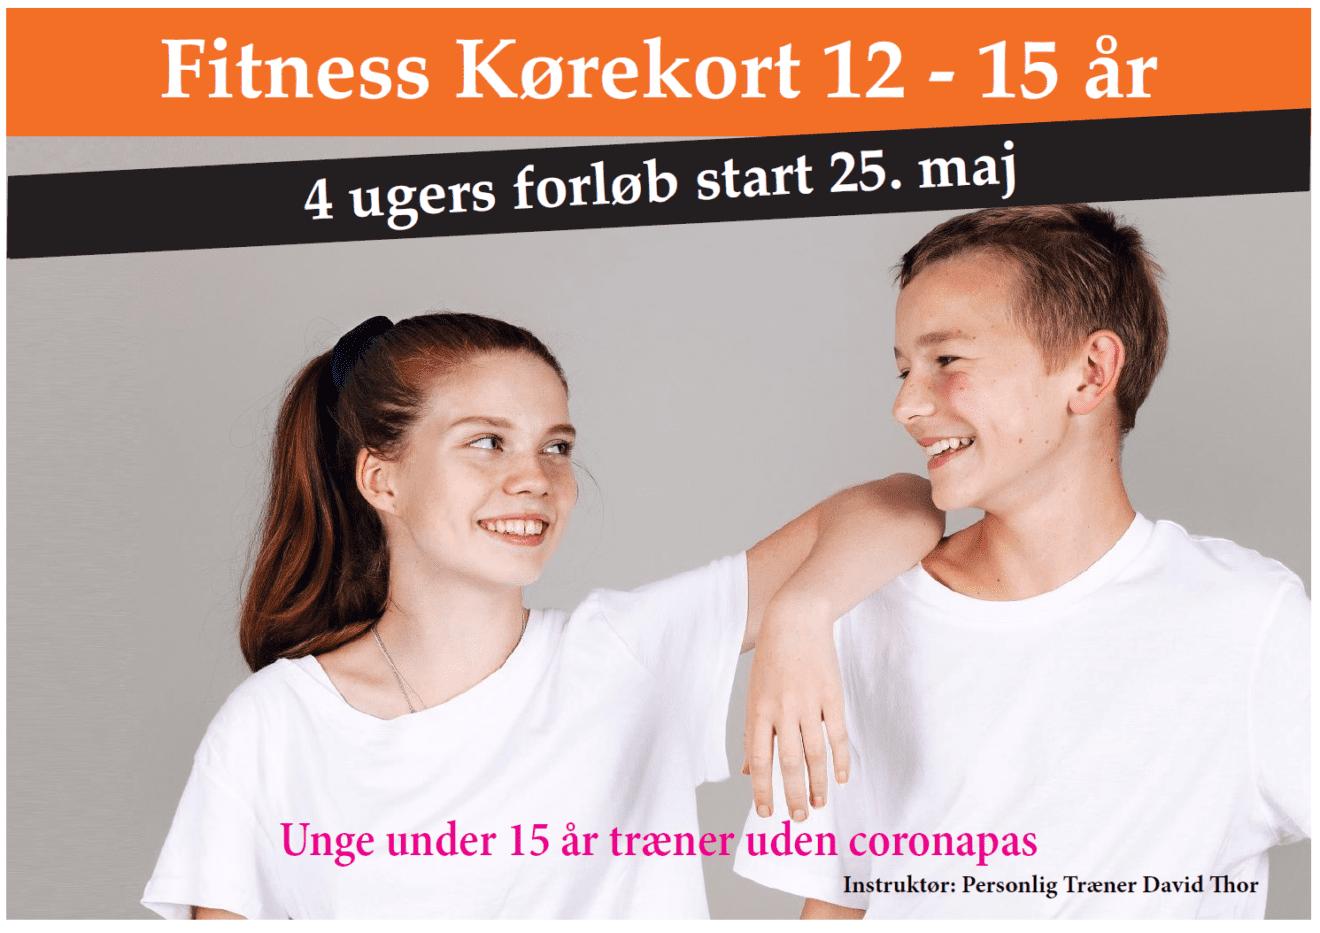 Fitness-kørekort til 12-15 årige i LifeClub